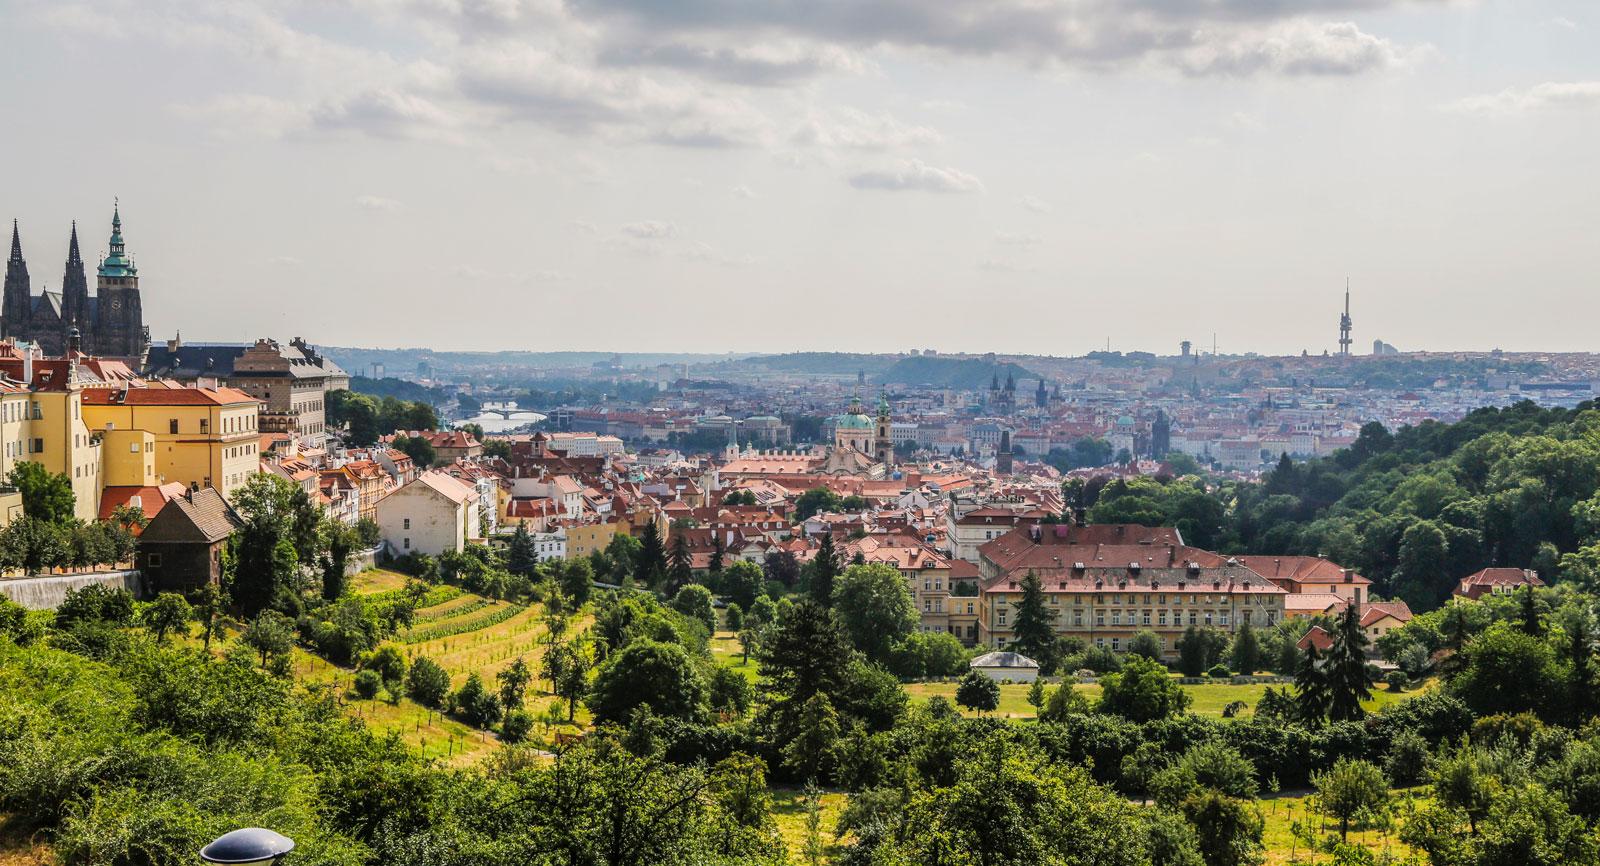 Huvudstaden Prag känner de flesta igen och den nås med lokaltrafik från stadscampingarna.